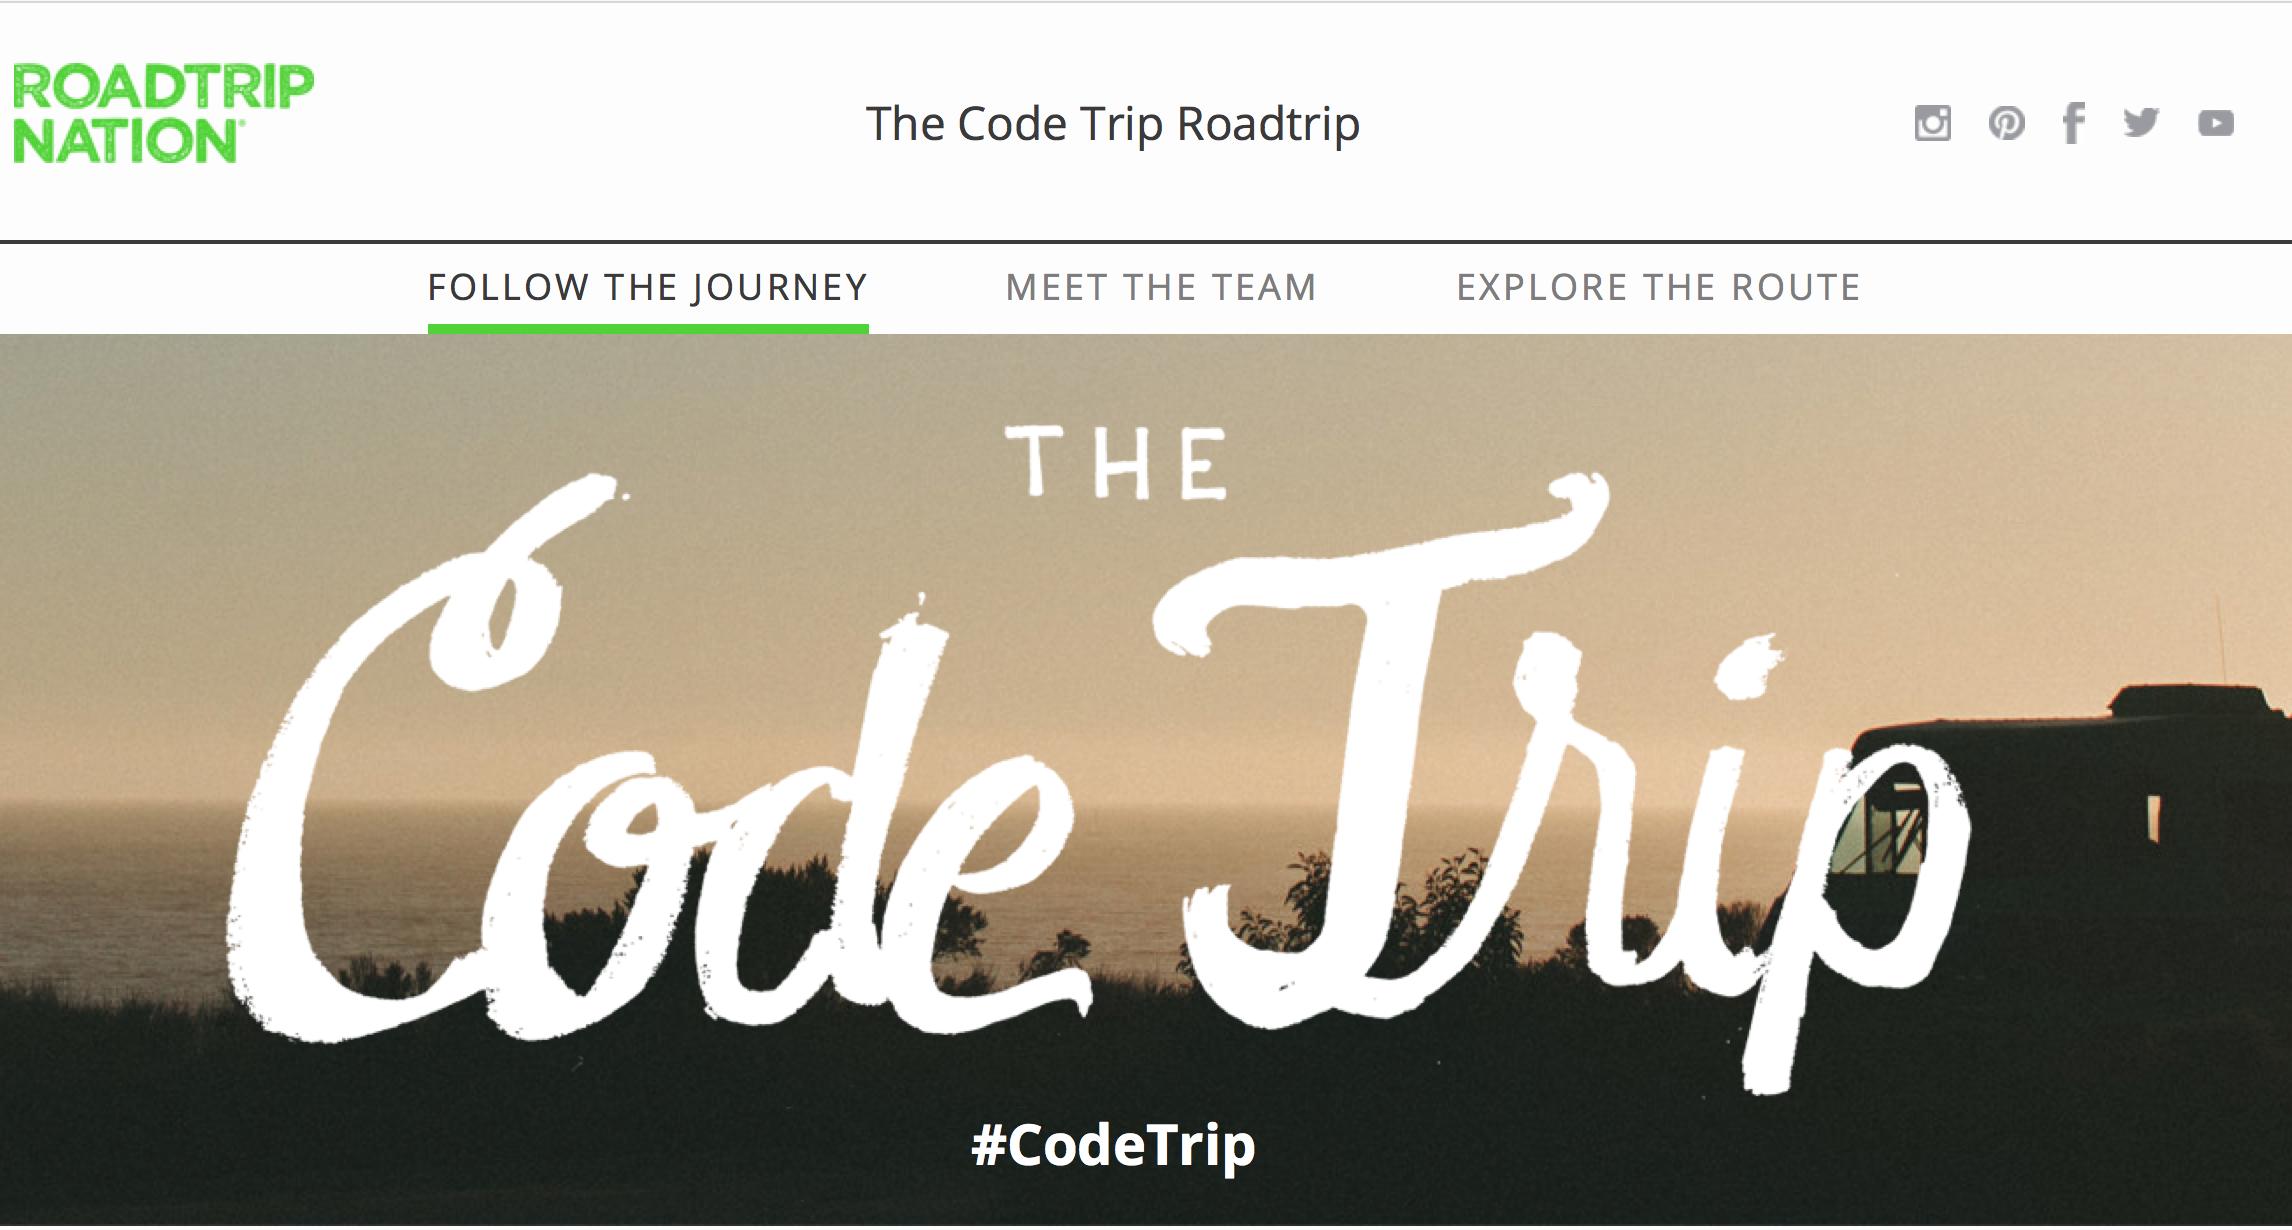 roadtripnation_codetrip